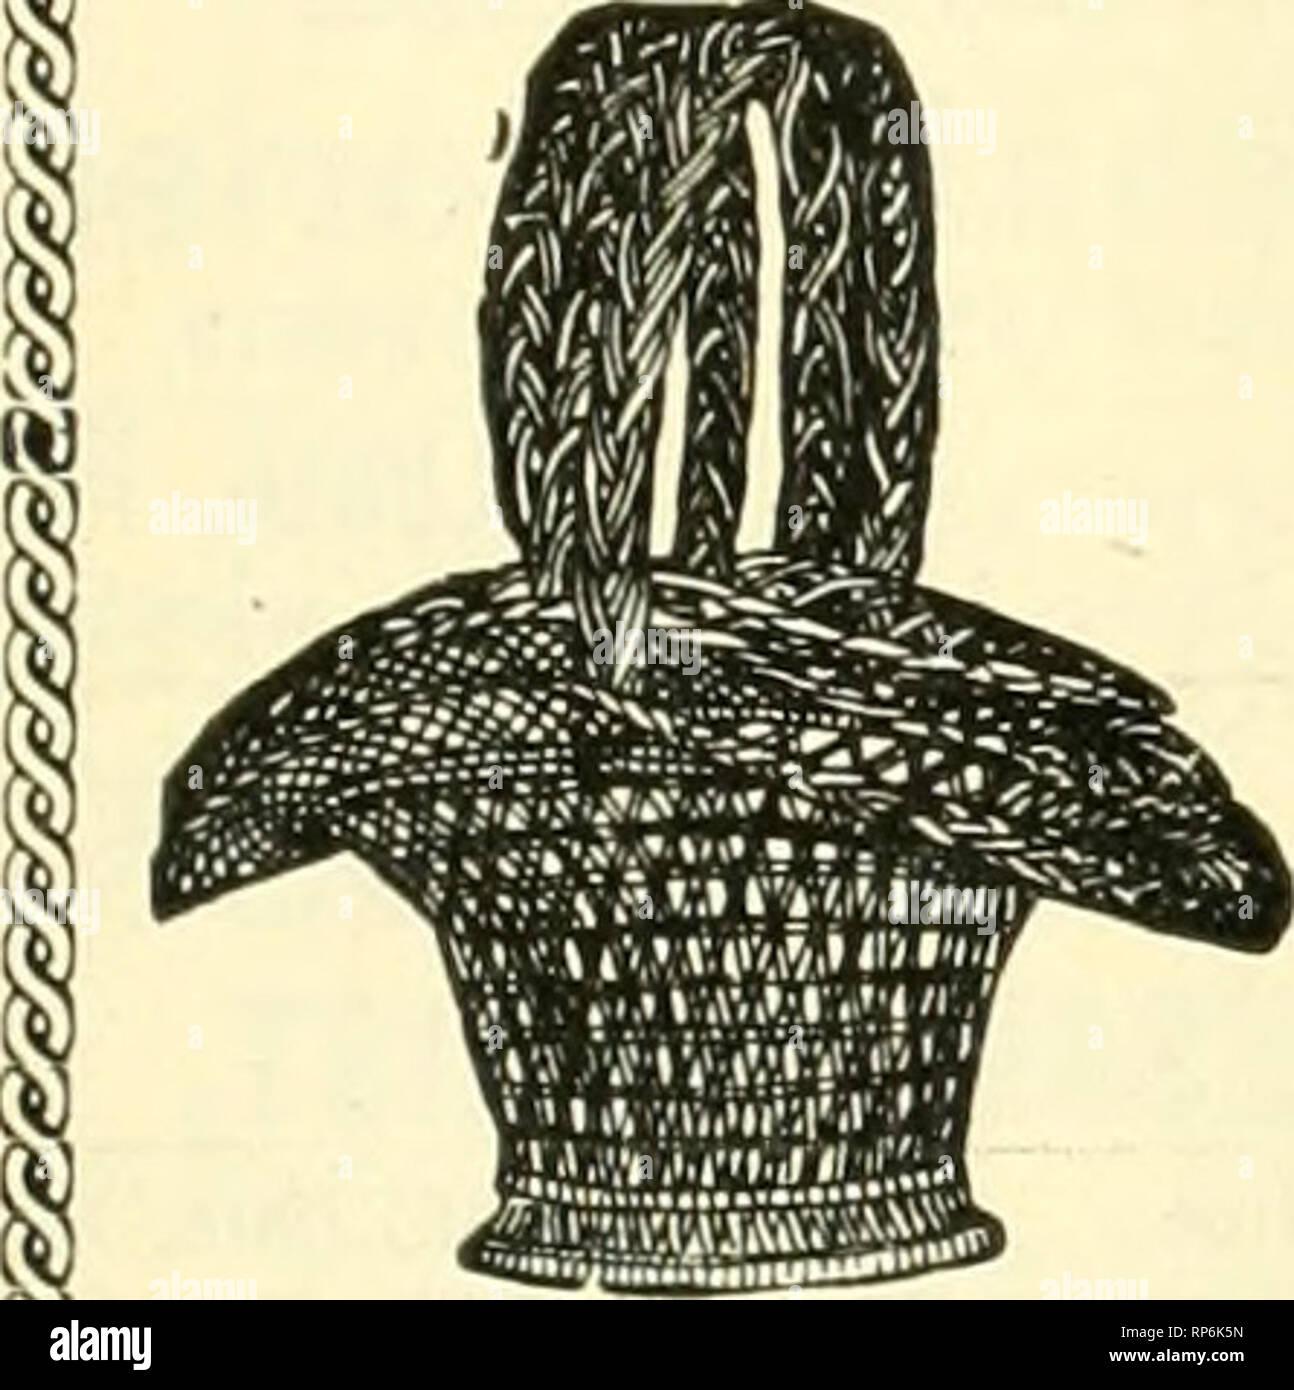 """. La fleuriste américain: un journal hebdomadaire pour le commerce. La floriculture; fleuristes. 1900. L'American Fleuriste. 1509^ t*I -ir^^^Reflex'*tfif^^UN^^.^^.. ' .''.^^?, TOUTES LES FLEURS DE SAISON Les Œillets lorsque vous le désirez. Comme vous les aimez. E. C. AMLING. Les fleurs coupées en gros, 32-34-36 Randolph St. CHICAGO. Tp '""""t&amp;&gt; j o J o r'-ImIij cStmtiKi o ' io3t5o+D&amp;^pift:j!r i' &Lt;? A' l'ob )co) Pol6""""'&3rir.afITOi Strotoo^j t c-wfoofeorfi teo^ fffowlpo oTwrWt jttWwf ofoot&cb' u. ^ ^e? J' r' rj V * r jggeggggggf McKellar &AMP; Winterson's House d'approvisionnement modernes.. Pour envoyer les prix sur toutes les fournitures. Clearan Photo Stock"""